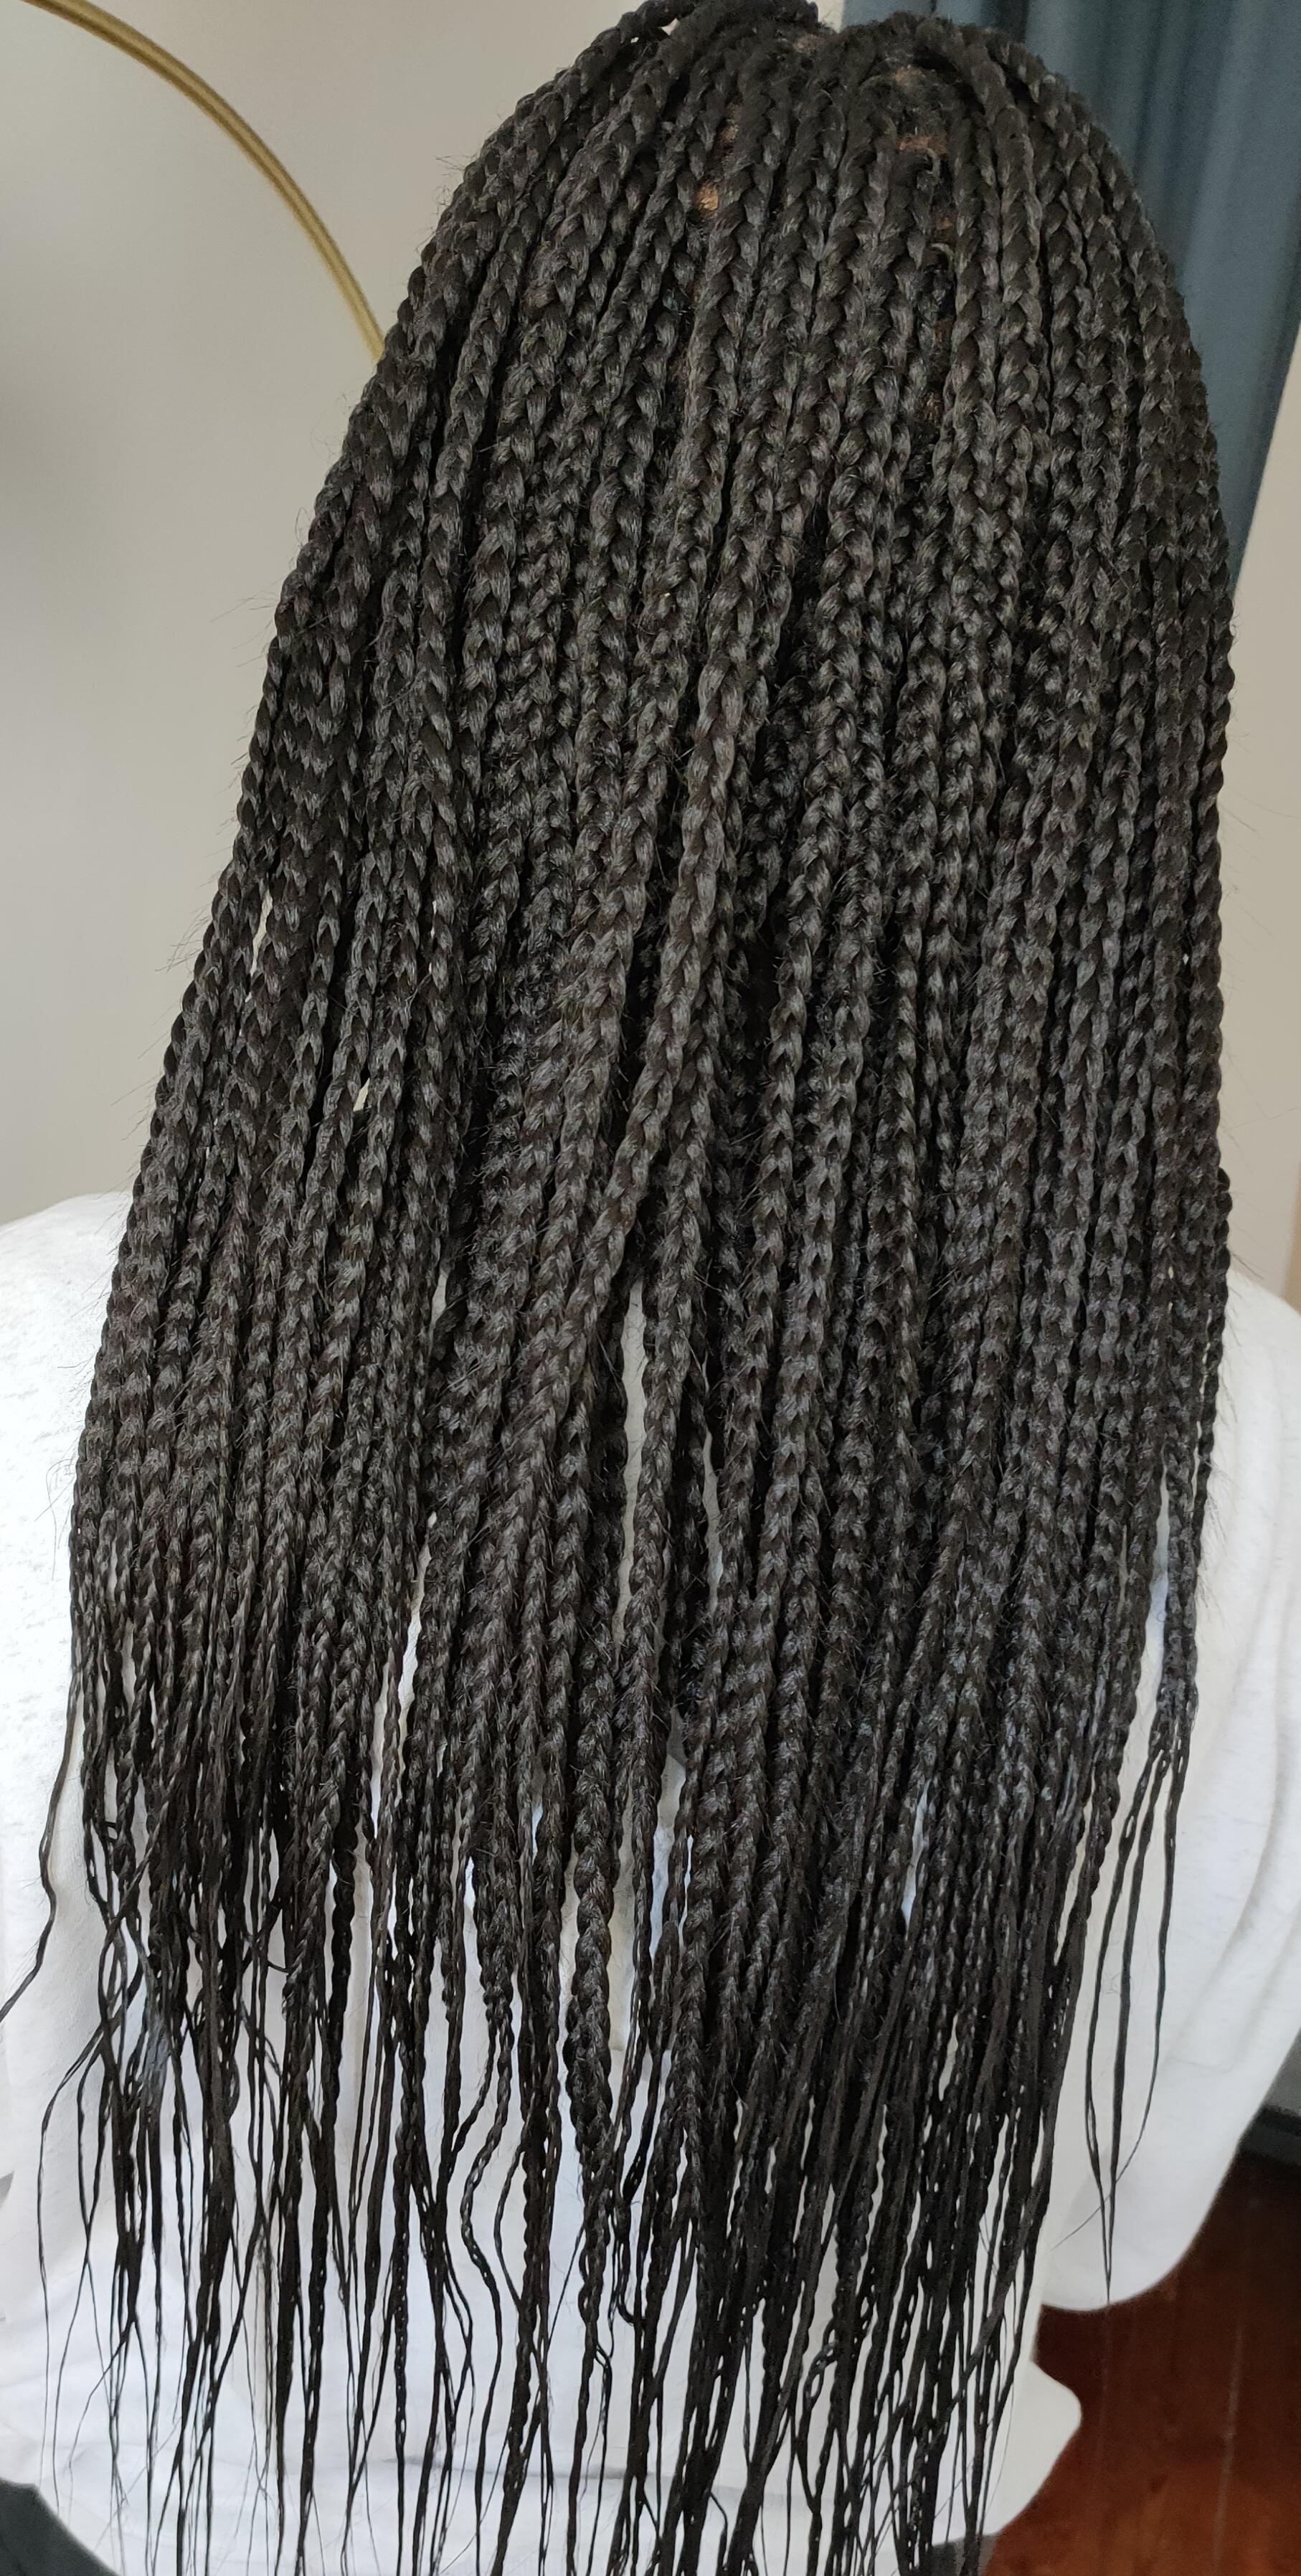 salon de coiffure afro tresse tresses box braids crochet braids vanilles tissages paris 75 77 78 91 92 93 94 95 XUMEYIEC